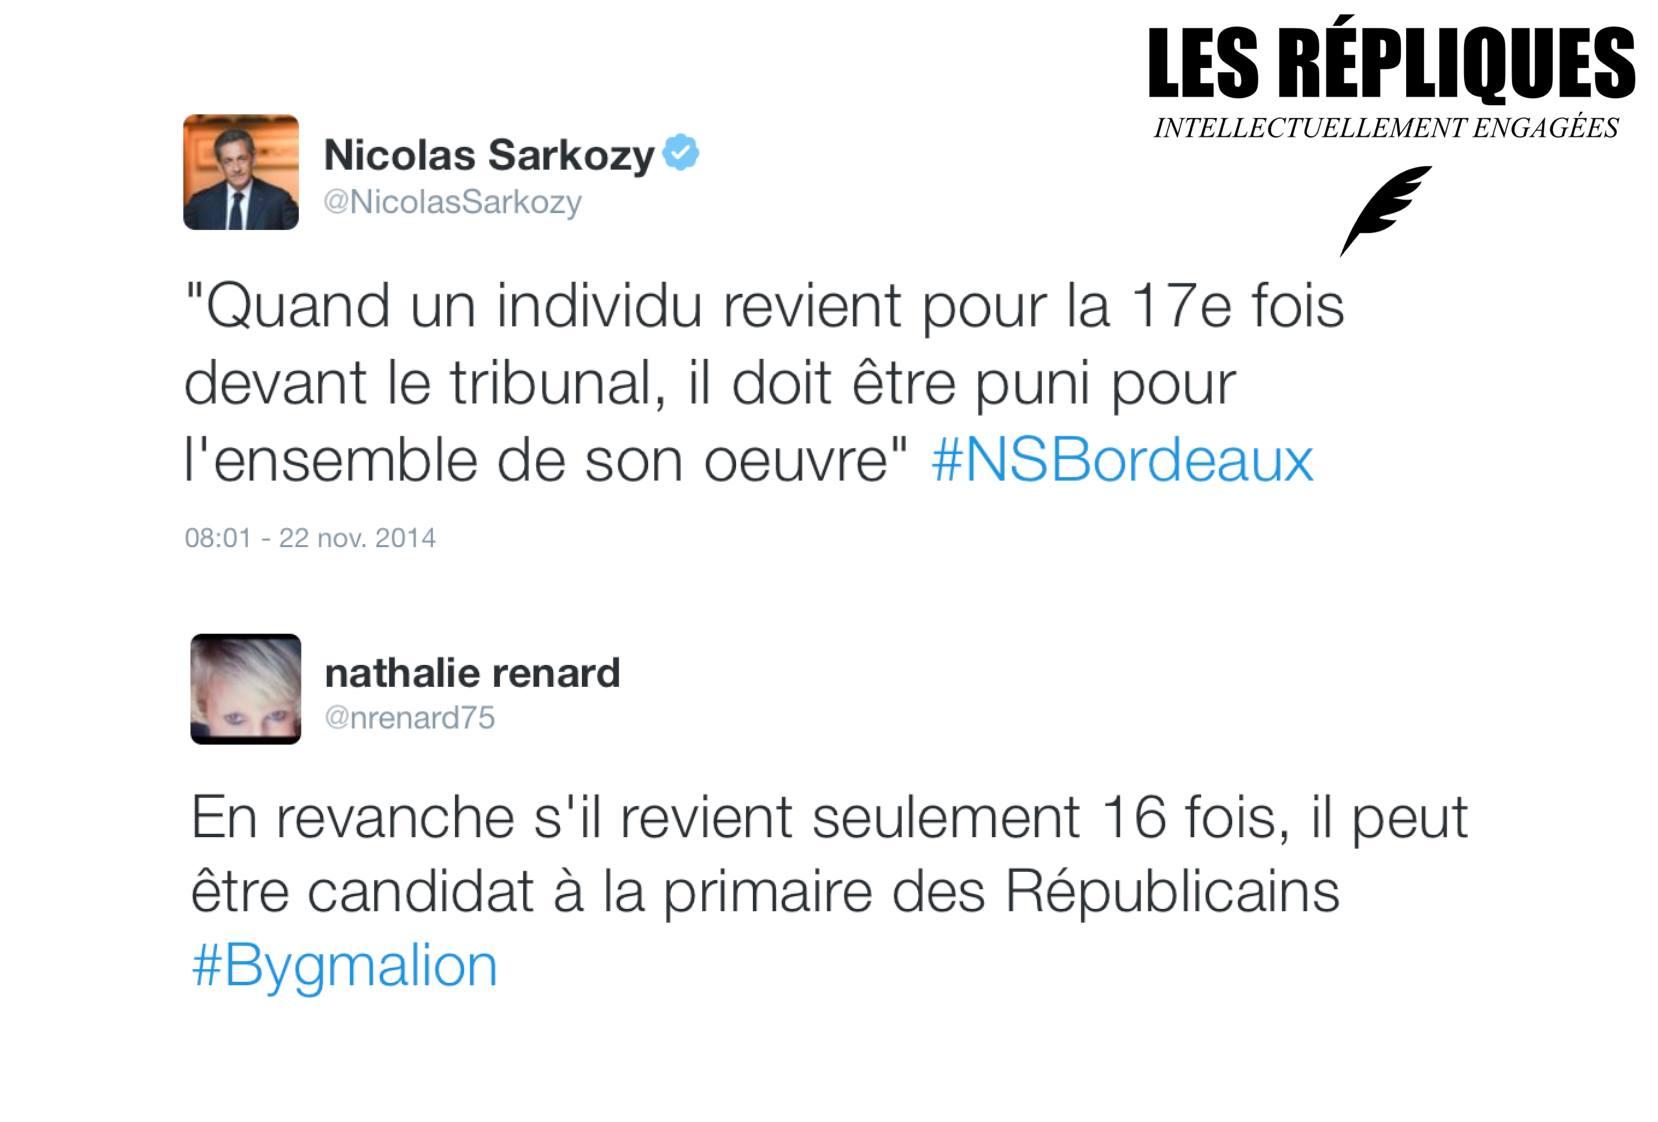 Officiel : Sarkozy revient - Page 3 14207861_1502876276406096_7628043821803375447_o